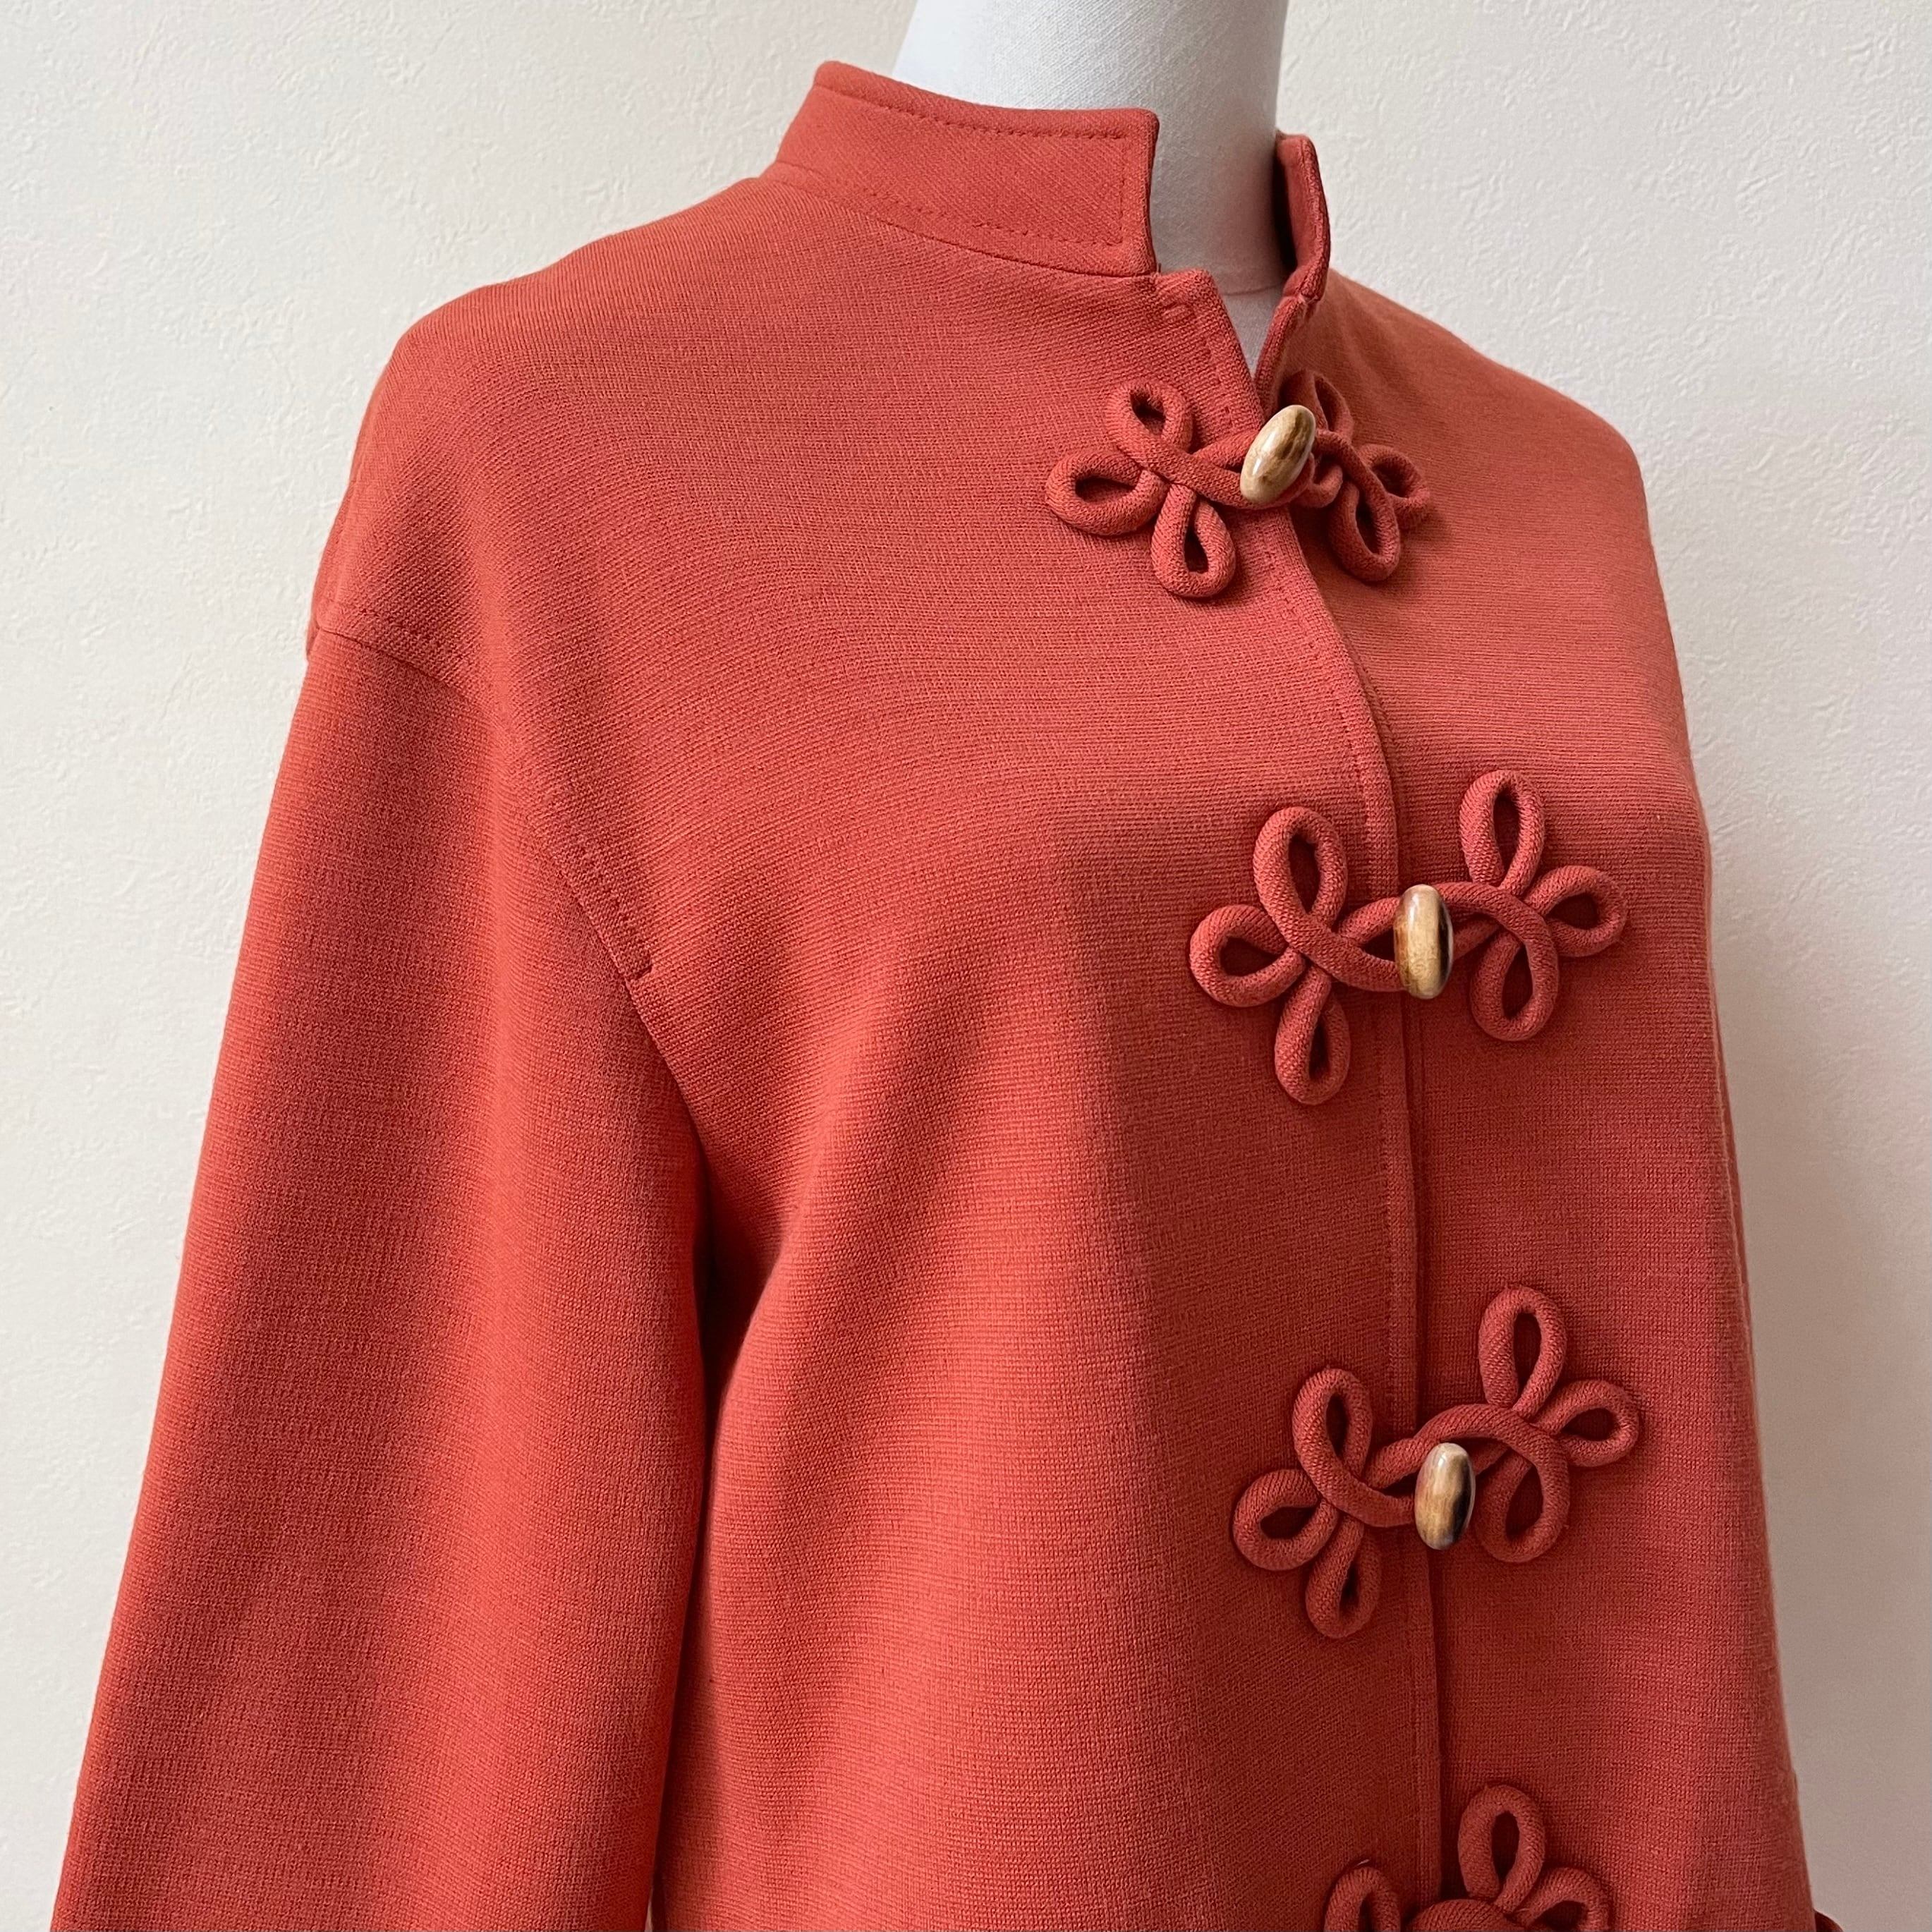 ACT 70年代 USA製 ヴィンテージ チャイナデザイン ジャケット